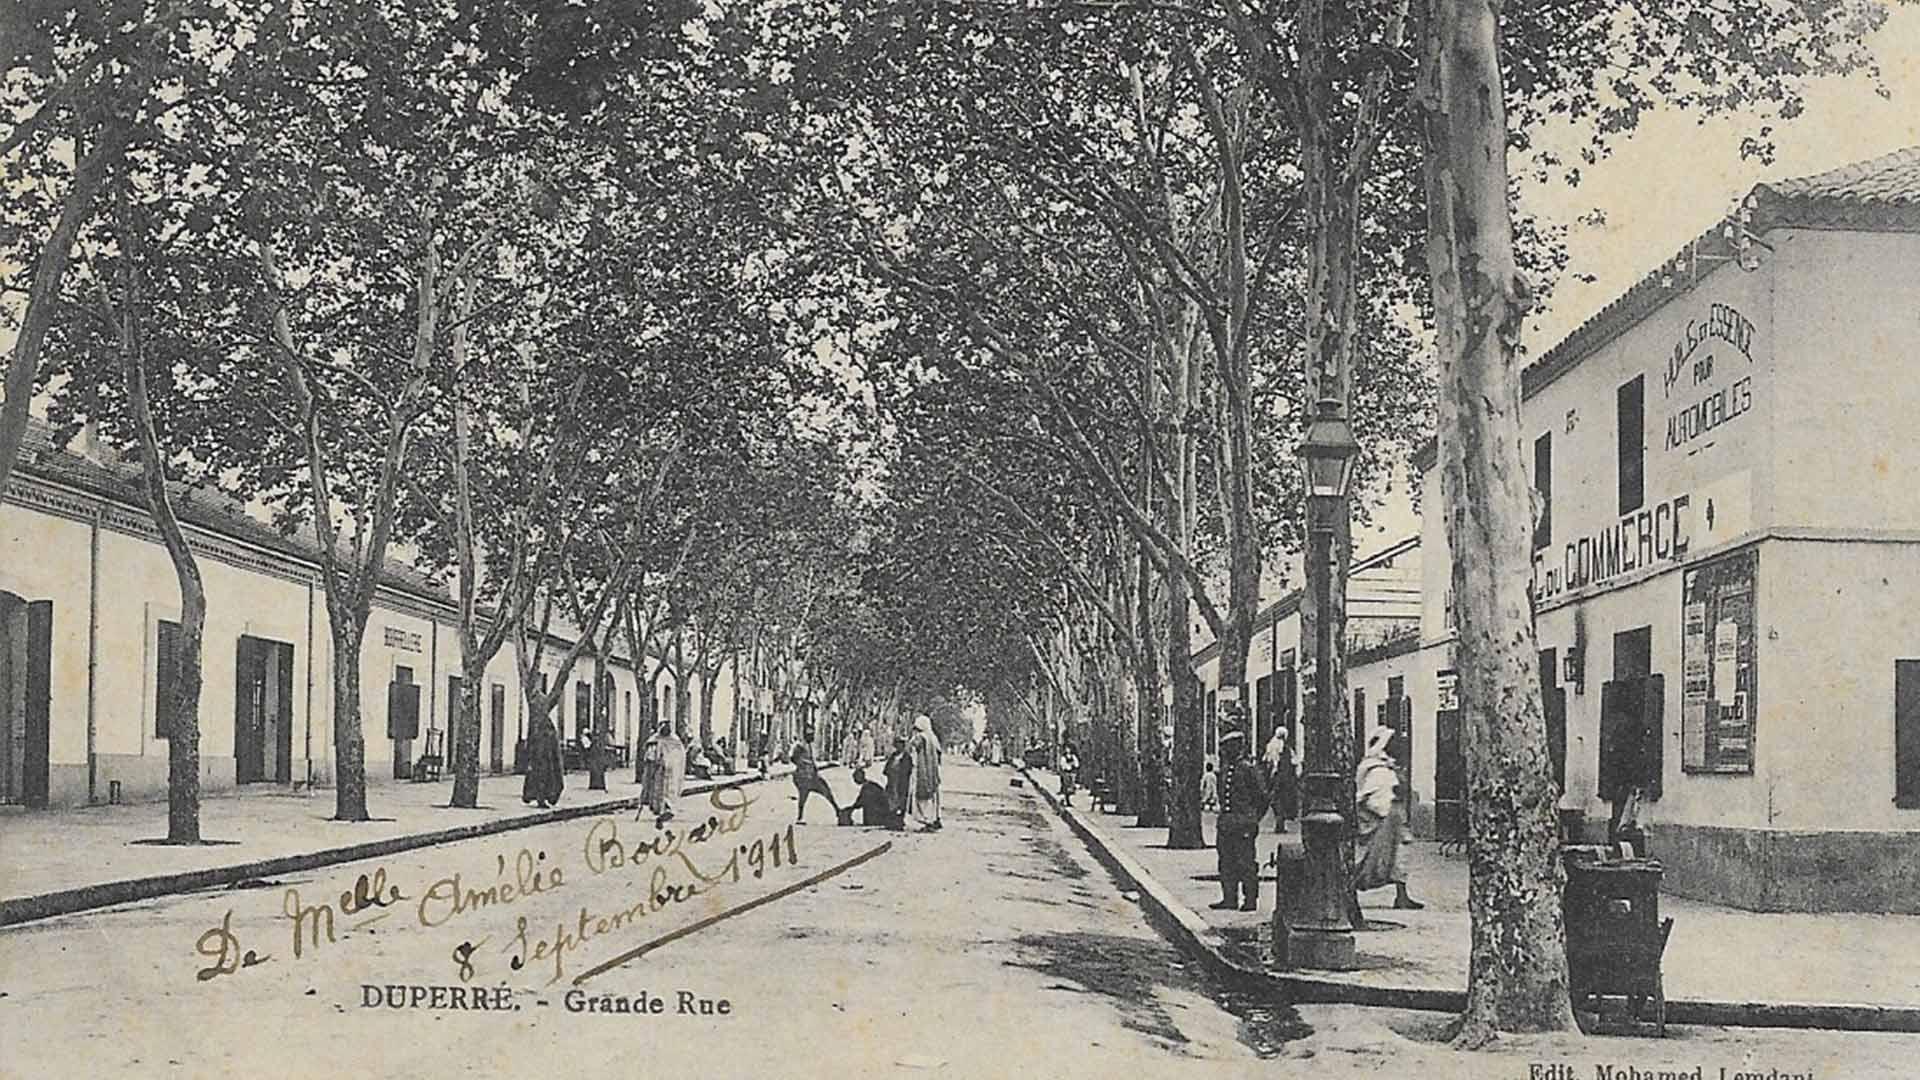 duperre-grande-rue